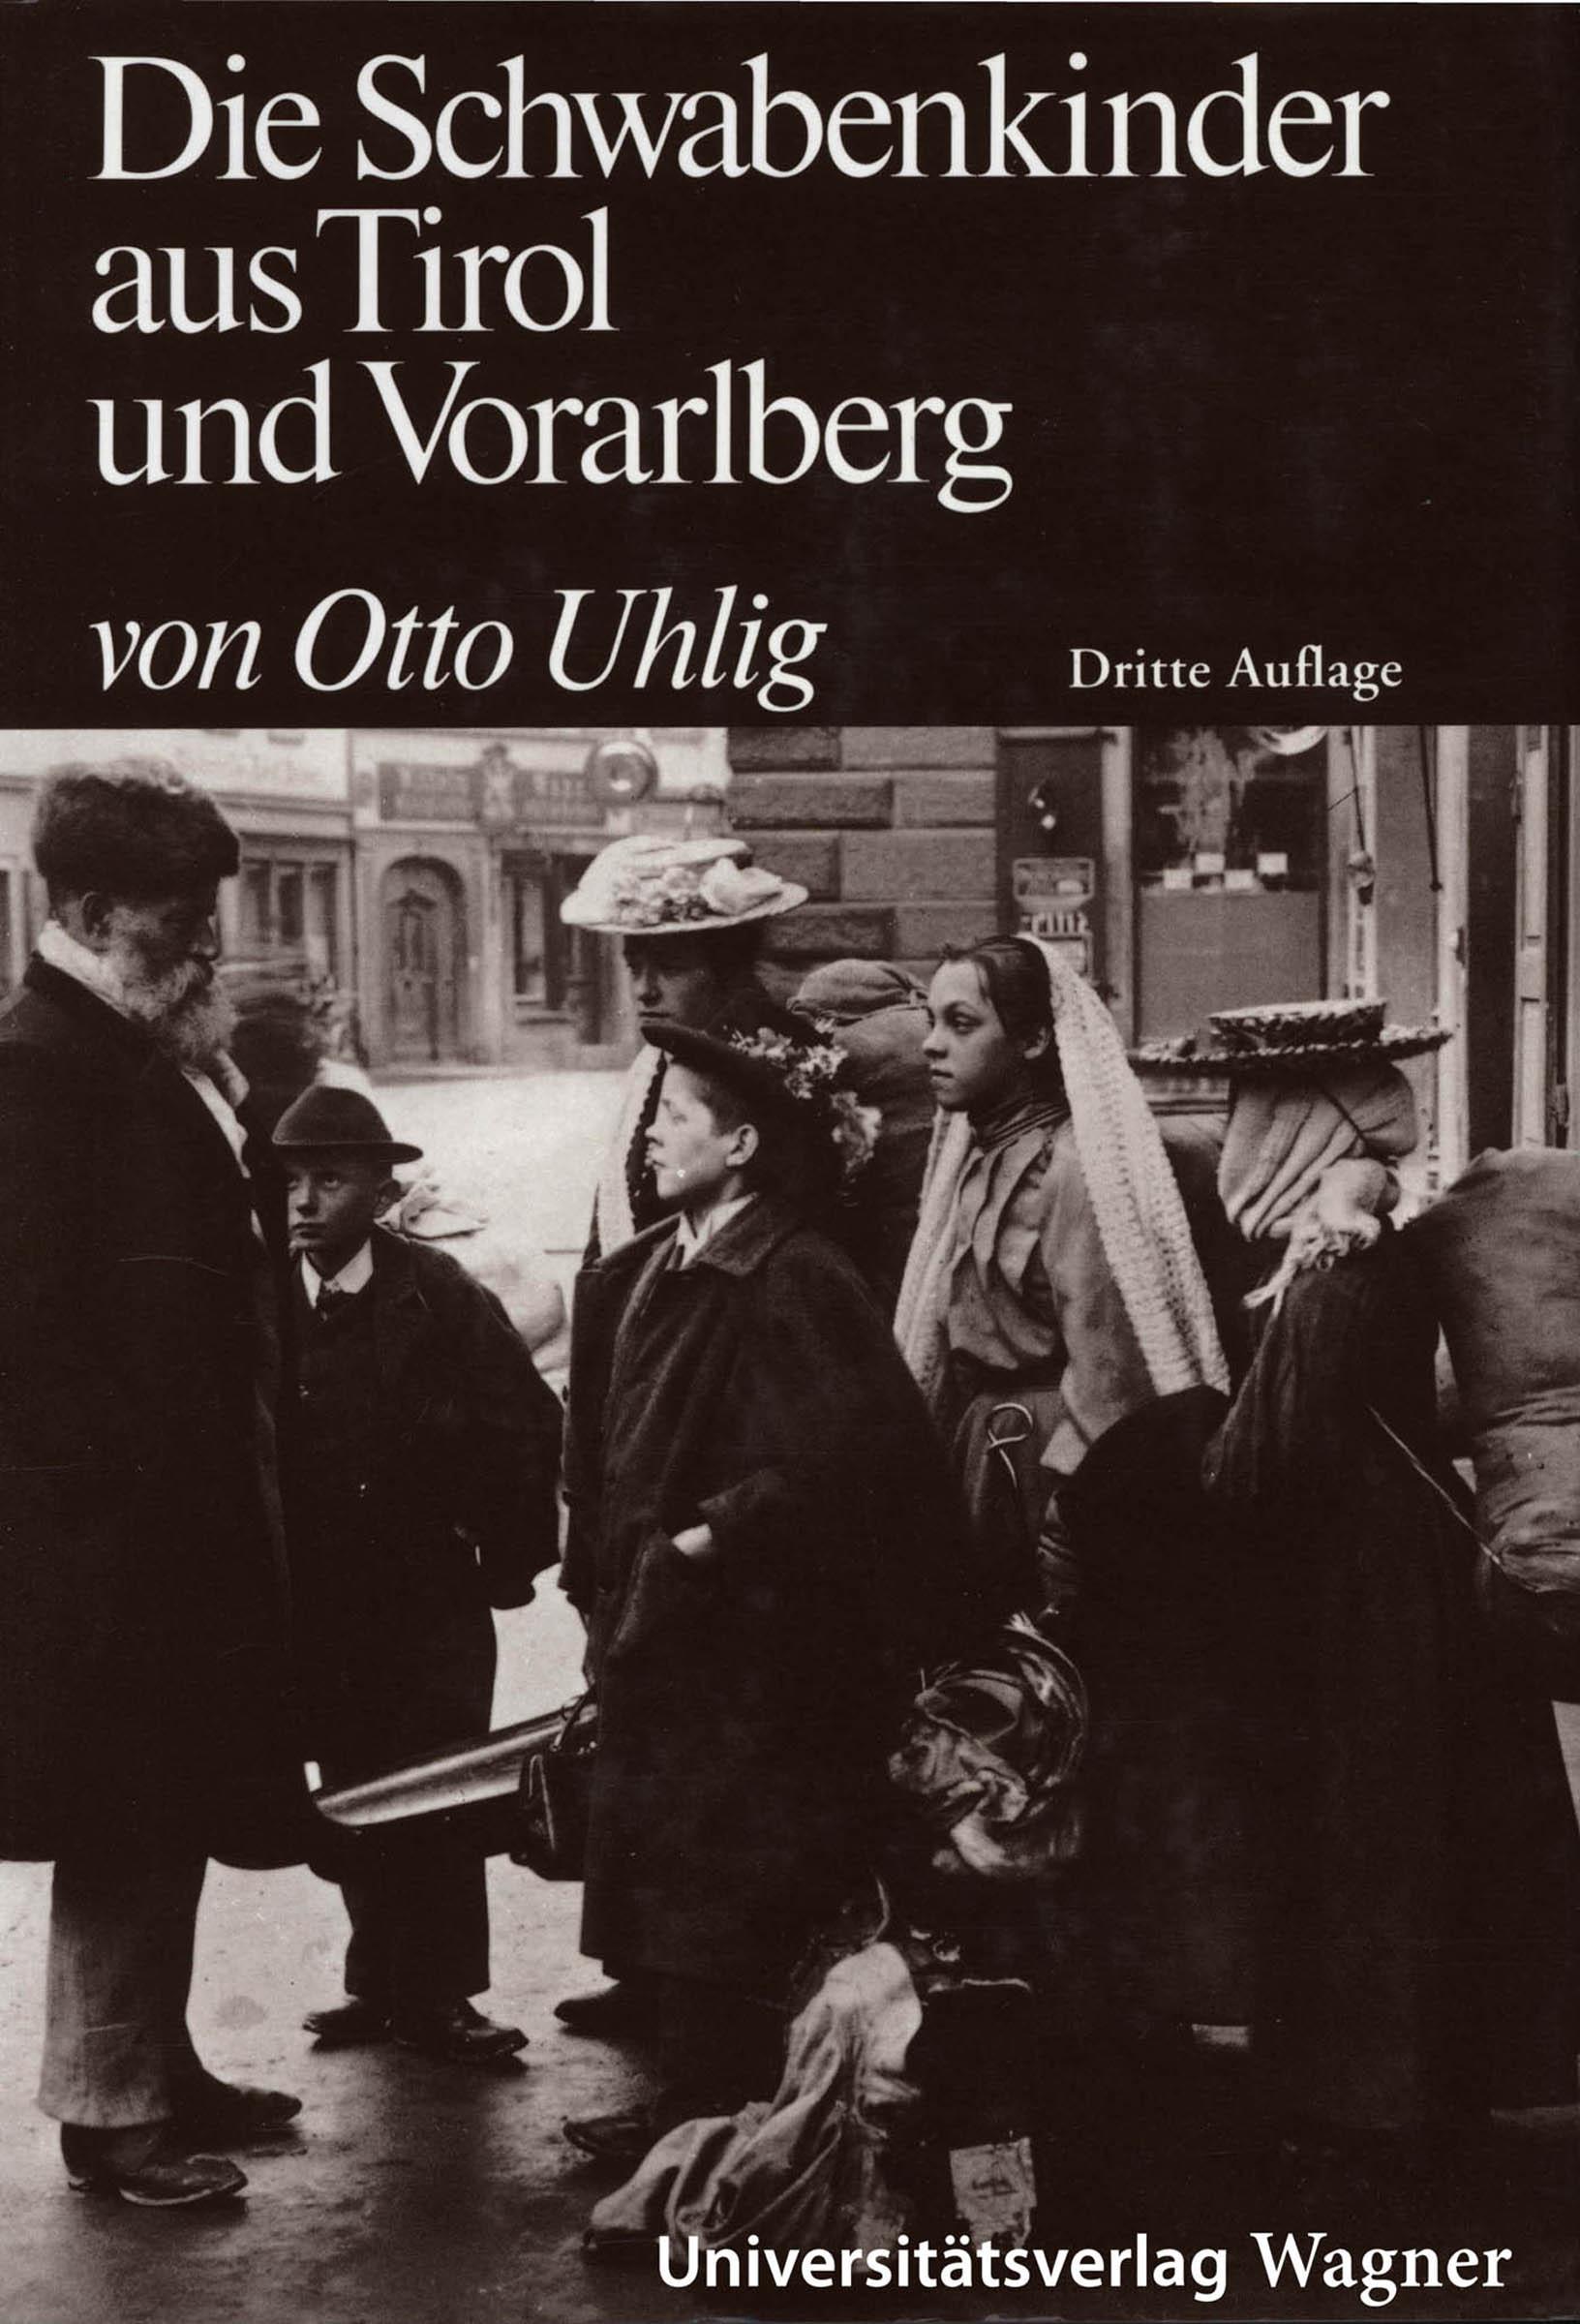 Otto Uhlig Die Schwabenkinder aus Tirol und Vorarlberg ignaz vincenz zingerle sagen aus tirol german edition